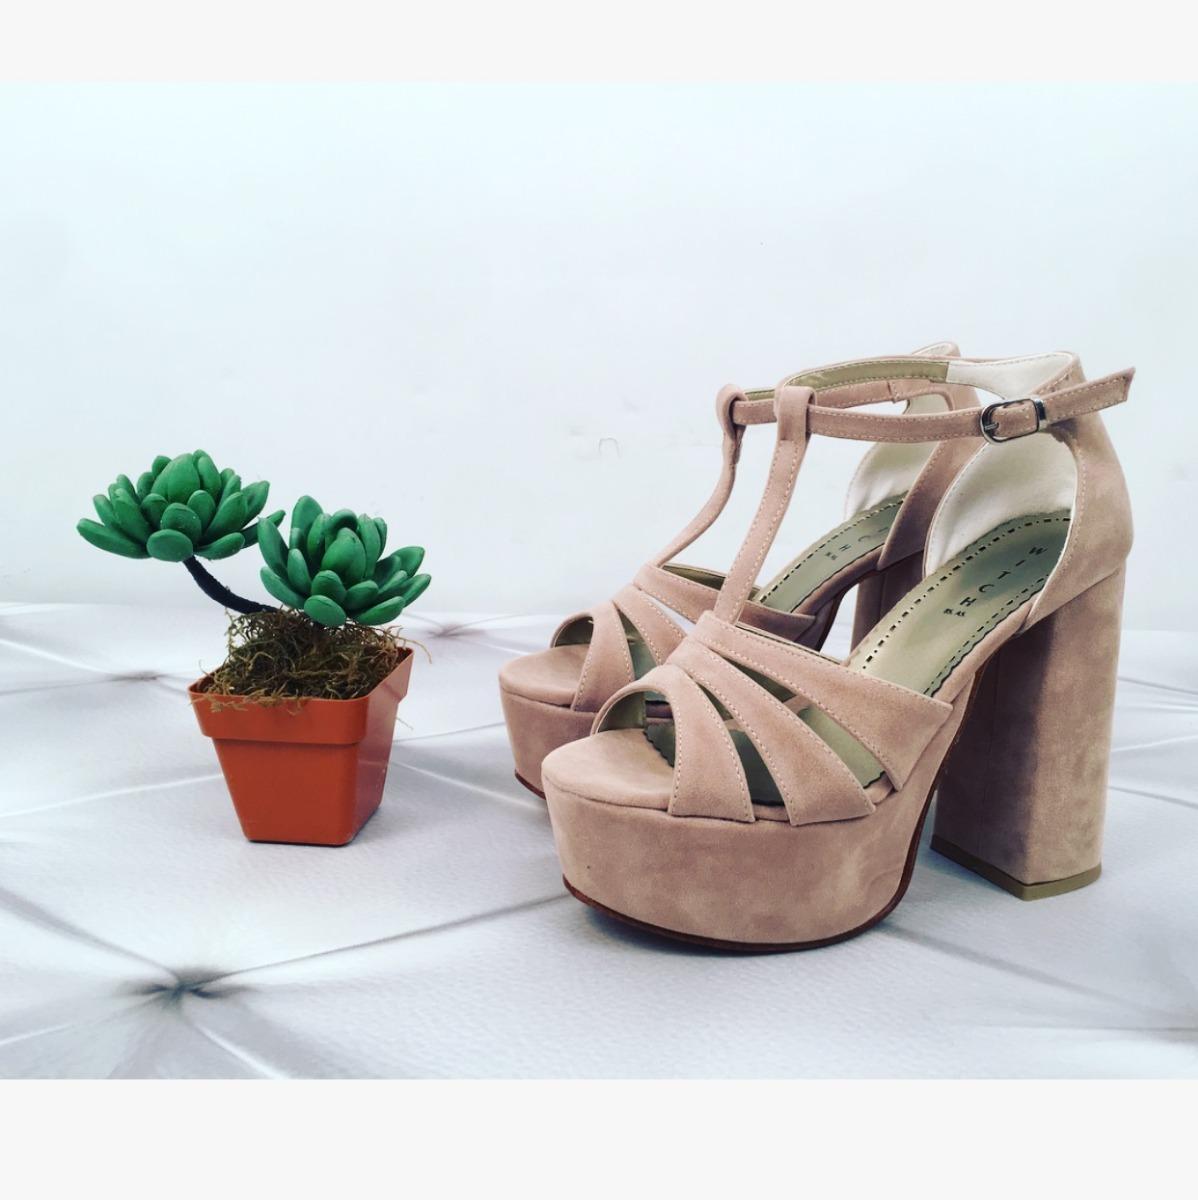 519d9d21e Zapatos Gala Calzado Fiesta Color Nude